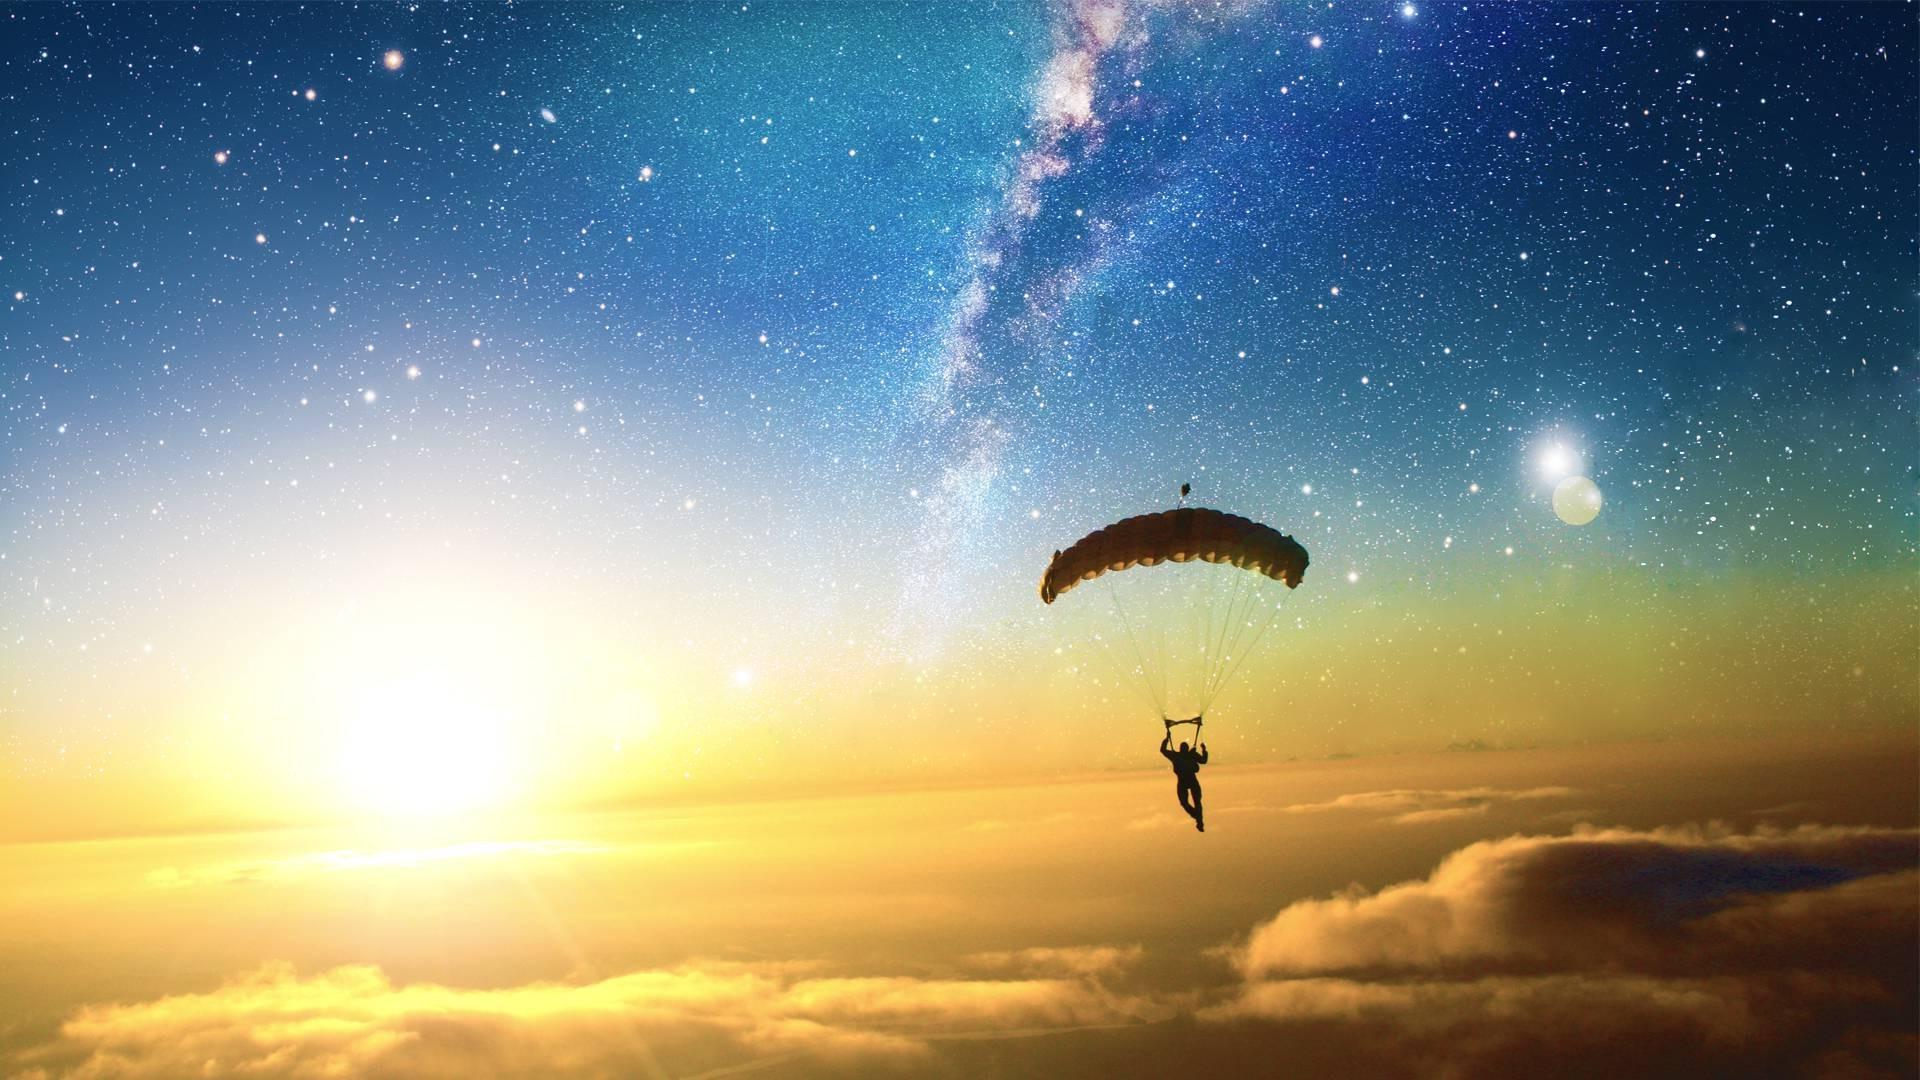 смог прыжок в космос картинка идеальное время